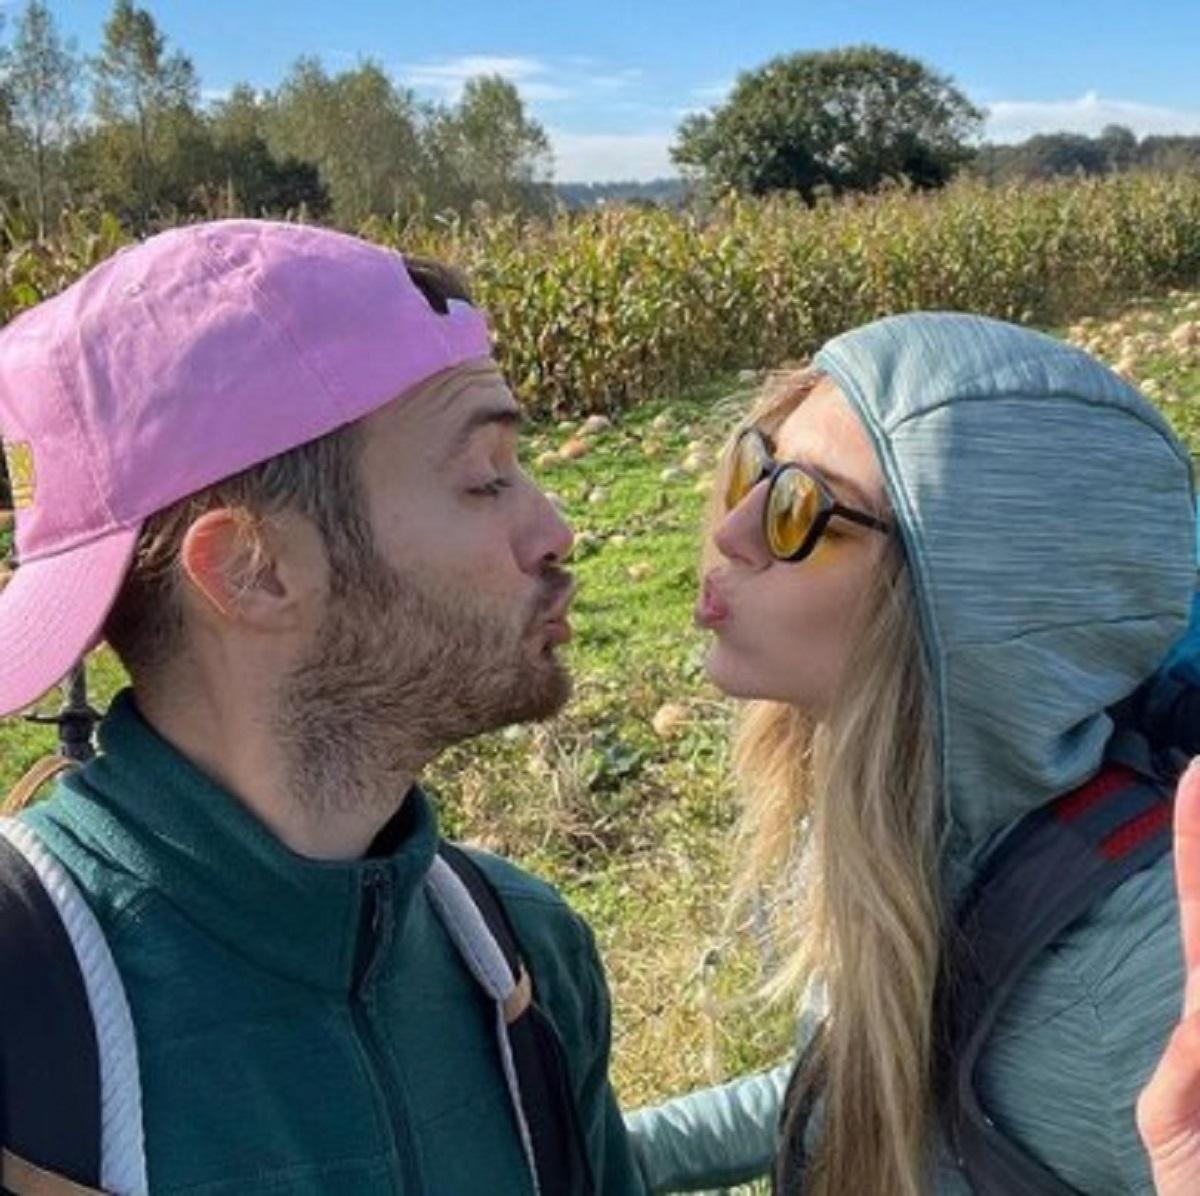 Guenda Goria cammino Santiago fidanzato Mirko foto ospedale